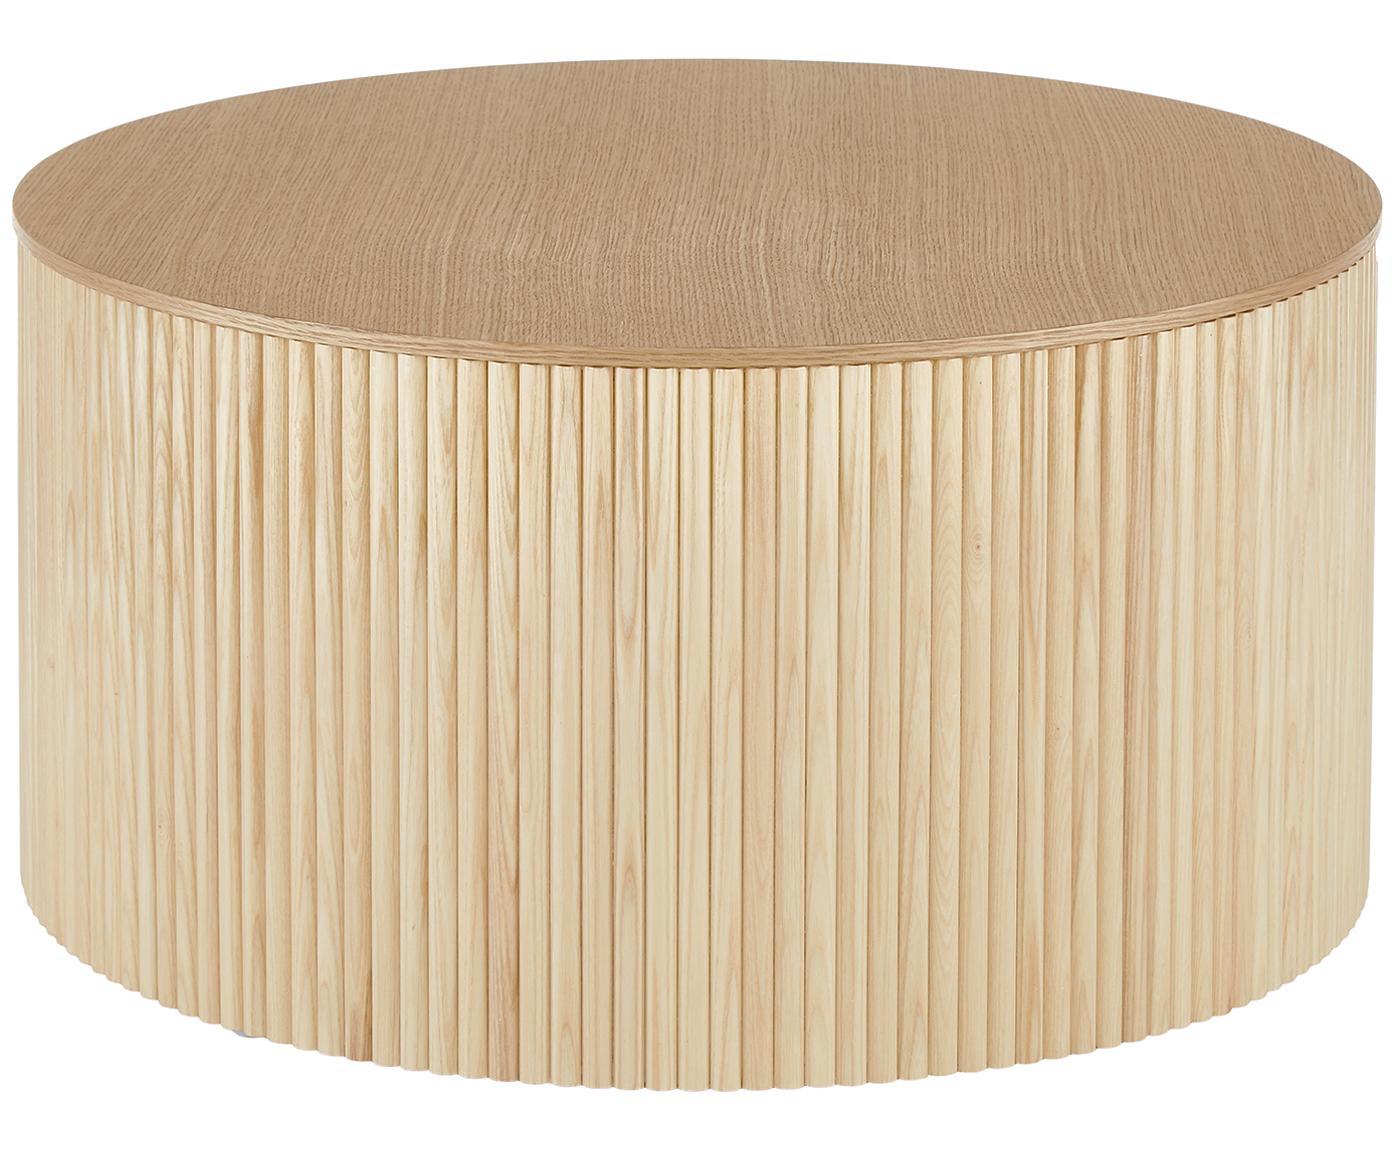 Tavolino contenitore rotondo Nele, Pannelli di fibra a media densità (MDF) con impiallacciatura di frassino, Impiallacciatura di frassino, Ø 70 x Alt. 36 cm